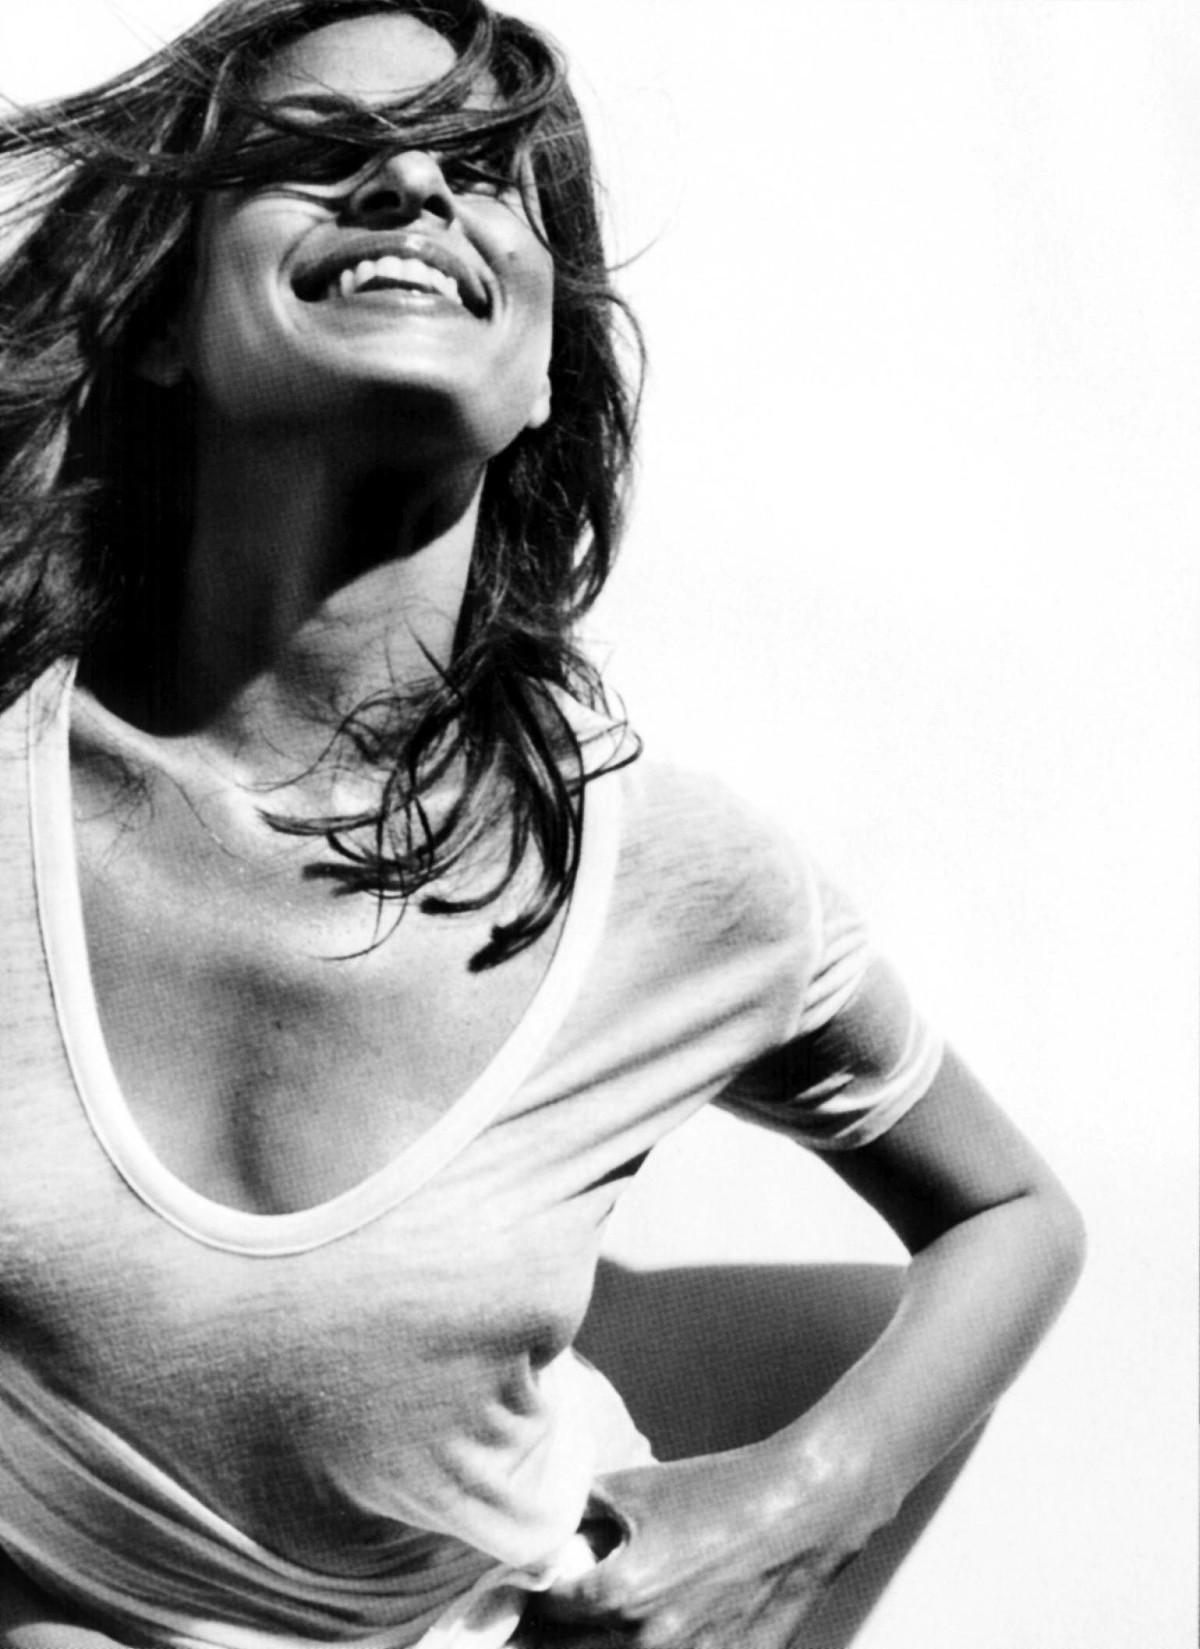 Eva Mendes - Fotos Desnuda - SexyFamosacom